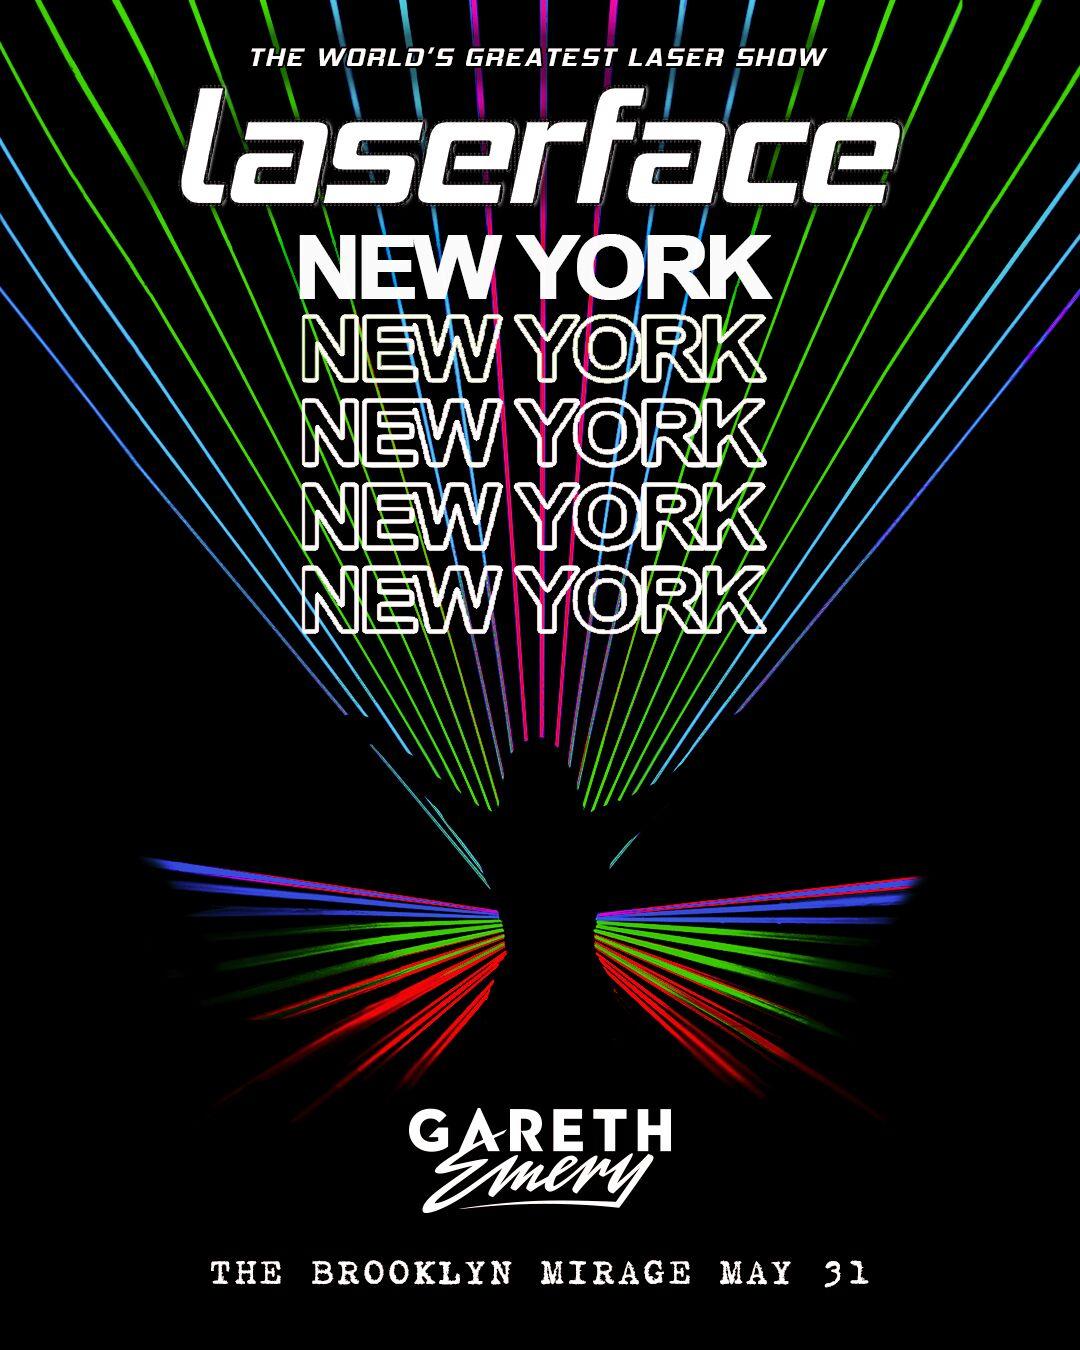 LF New York Flyer.jpeg